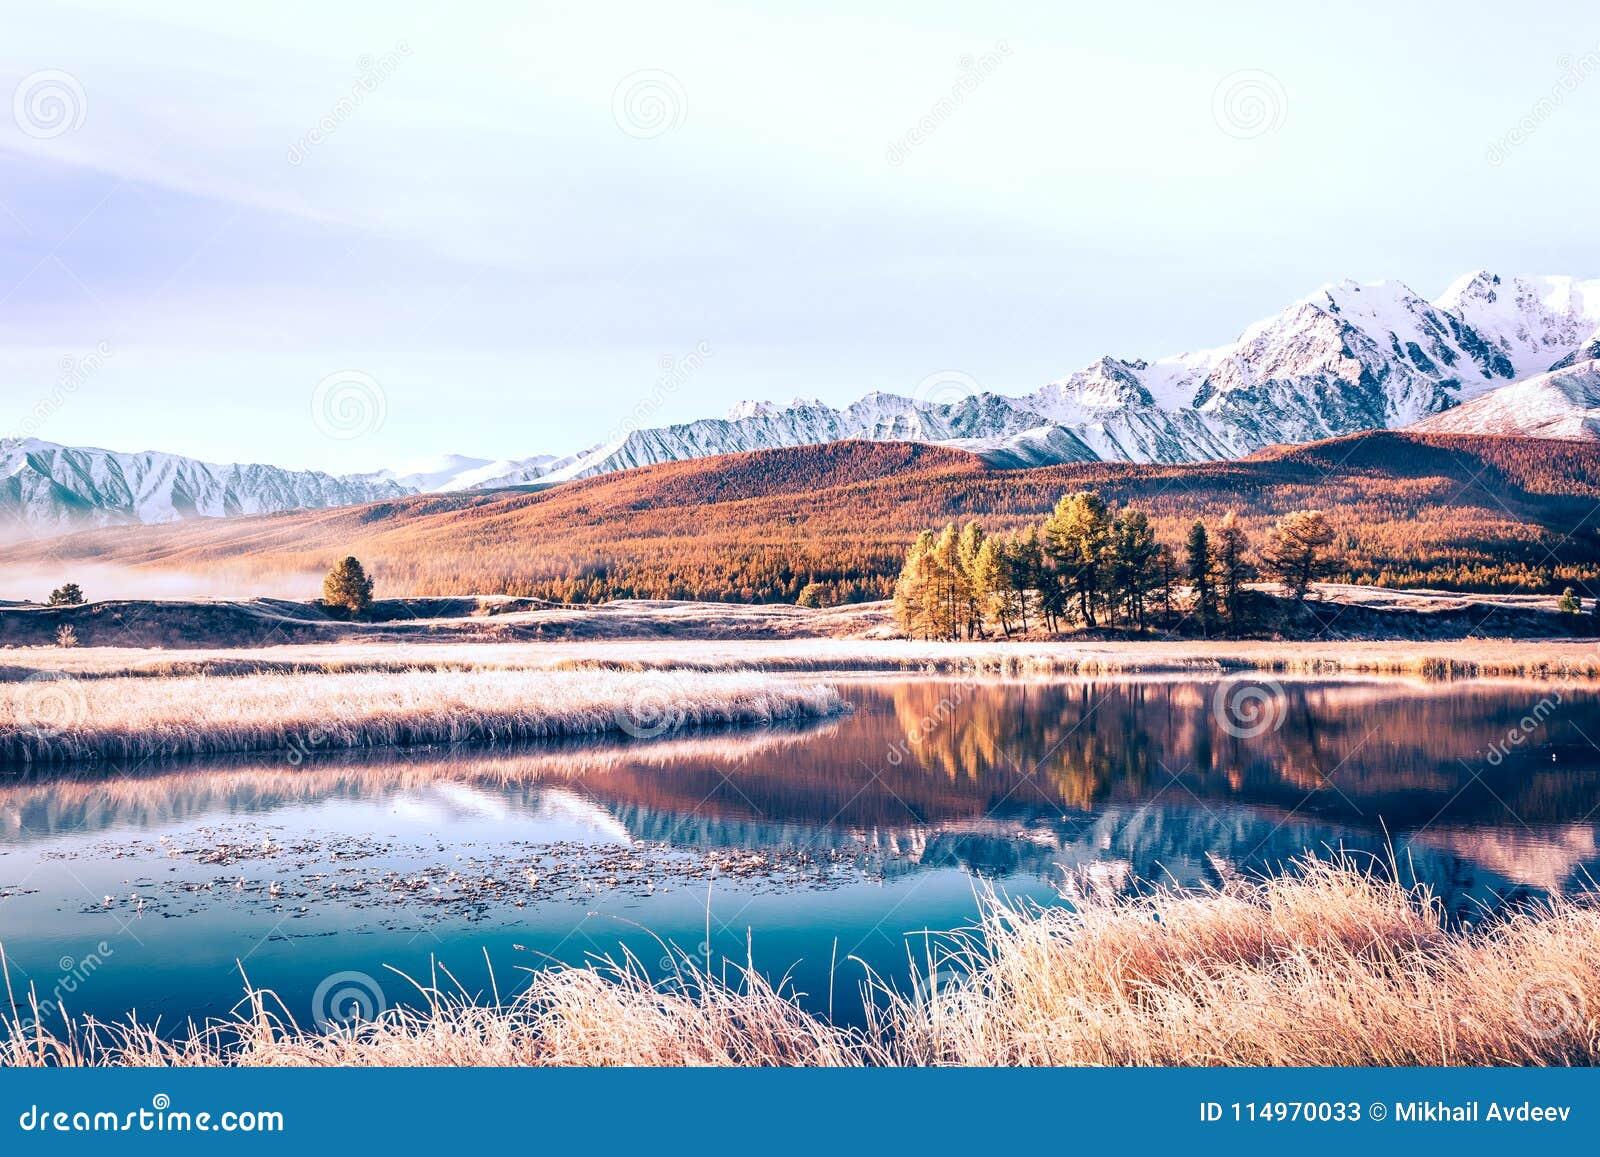 Lustrzana powierzchnia jezioro w halnej dolinie